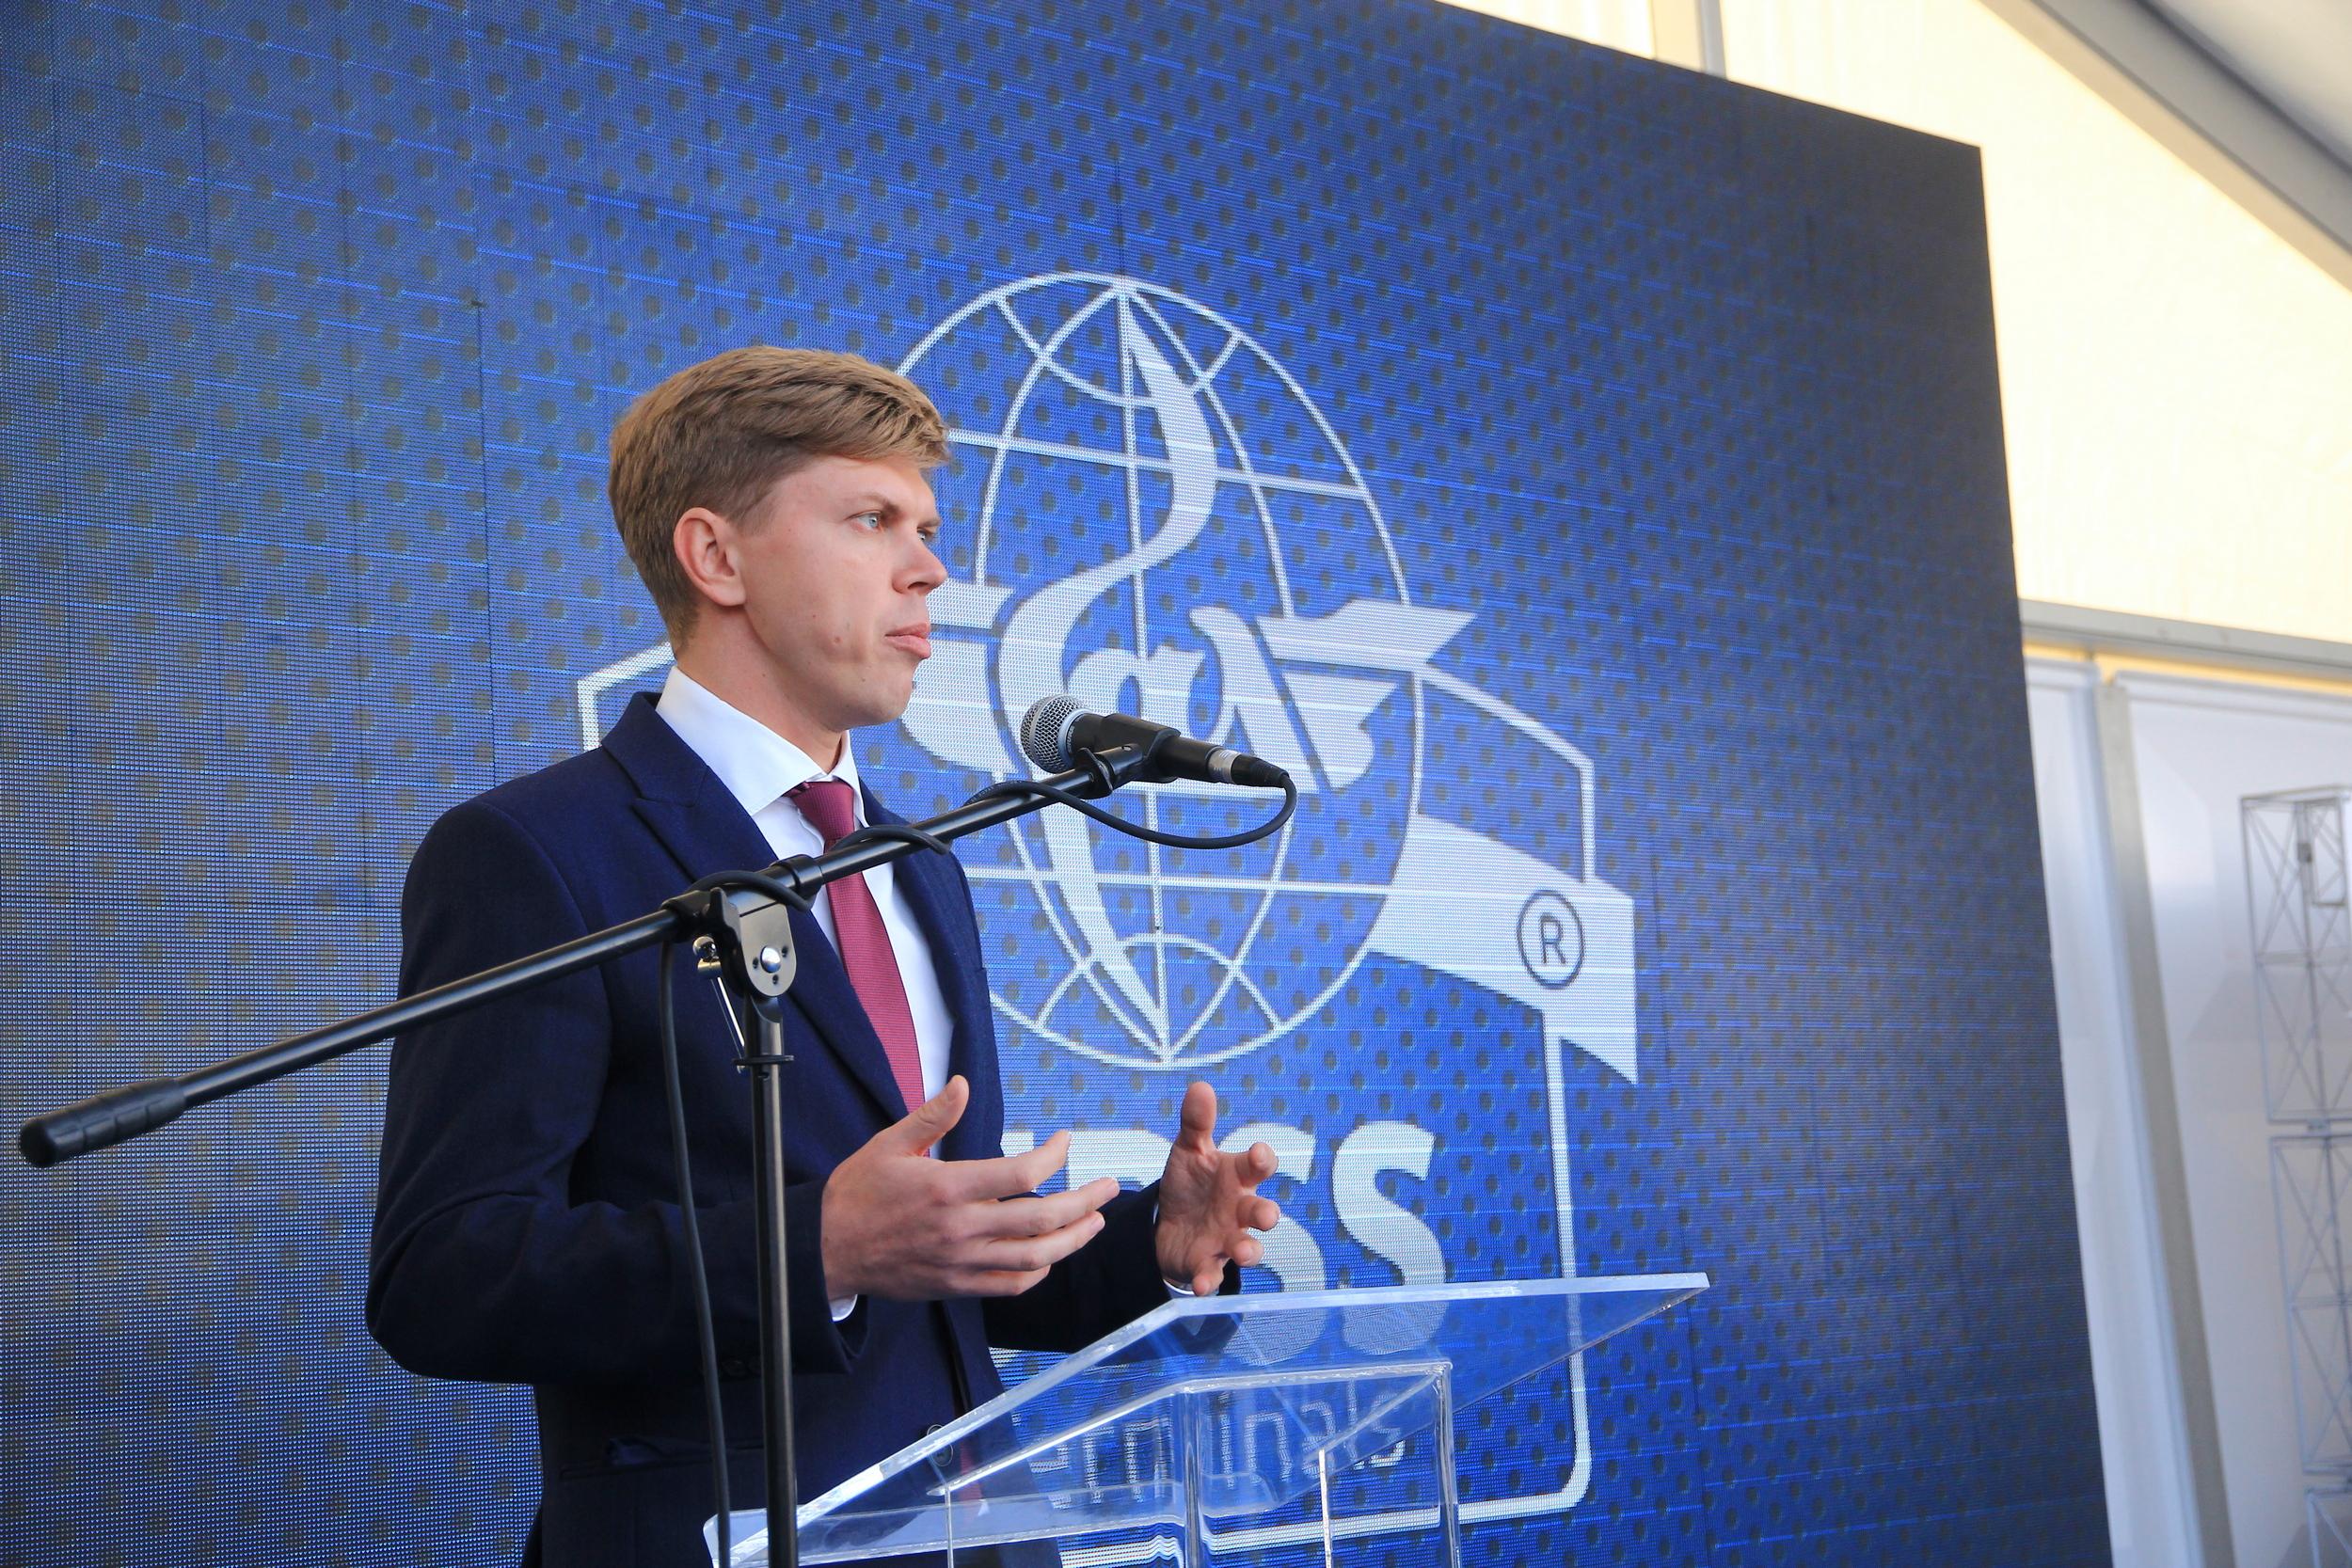 Представитель компании UPSS на открытии терминалов в Николаеве